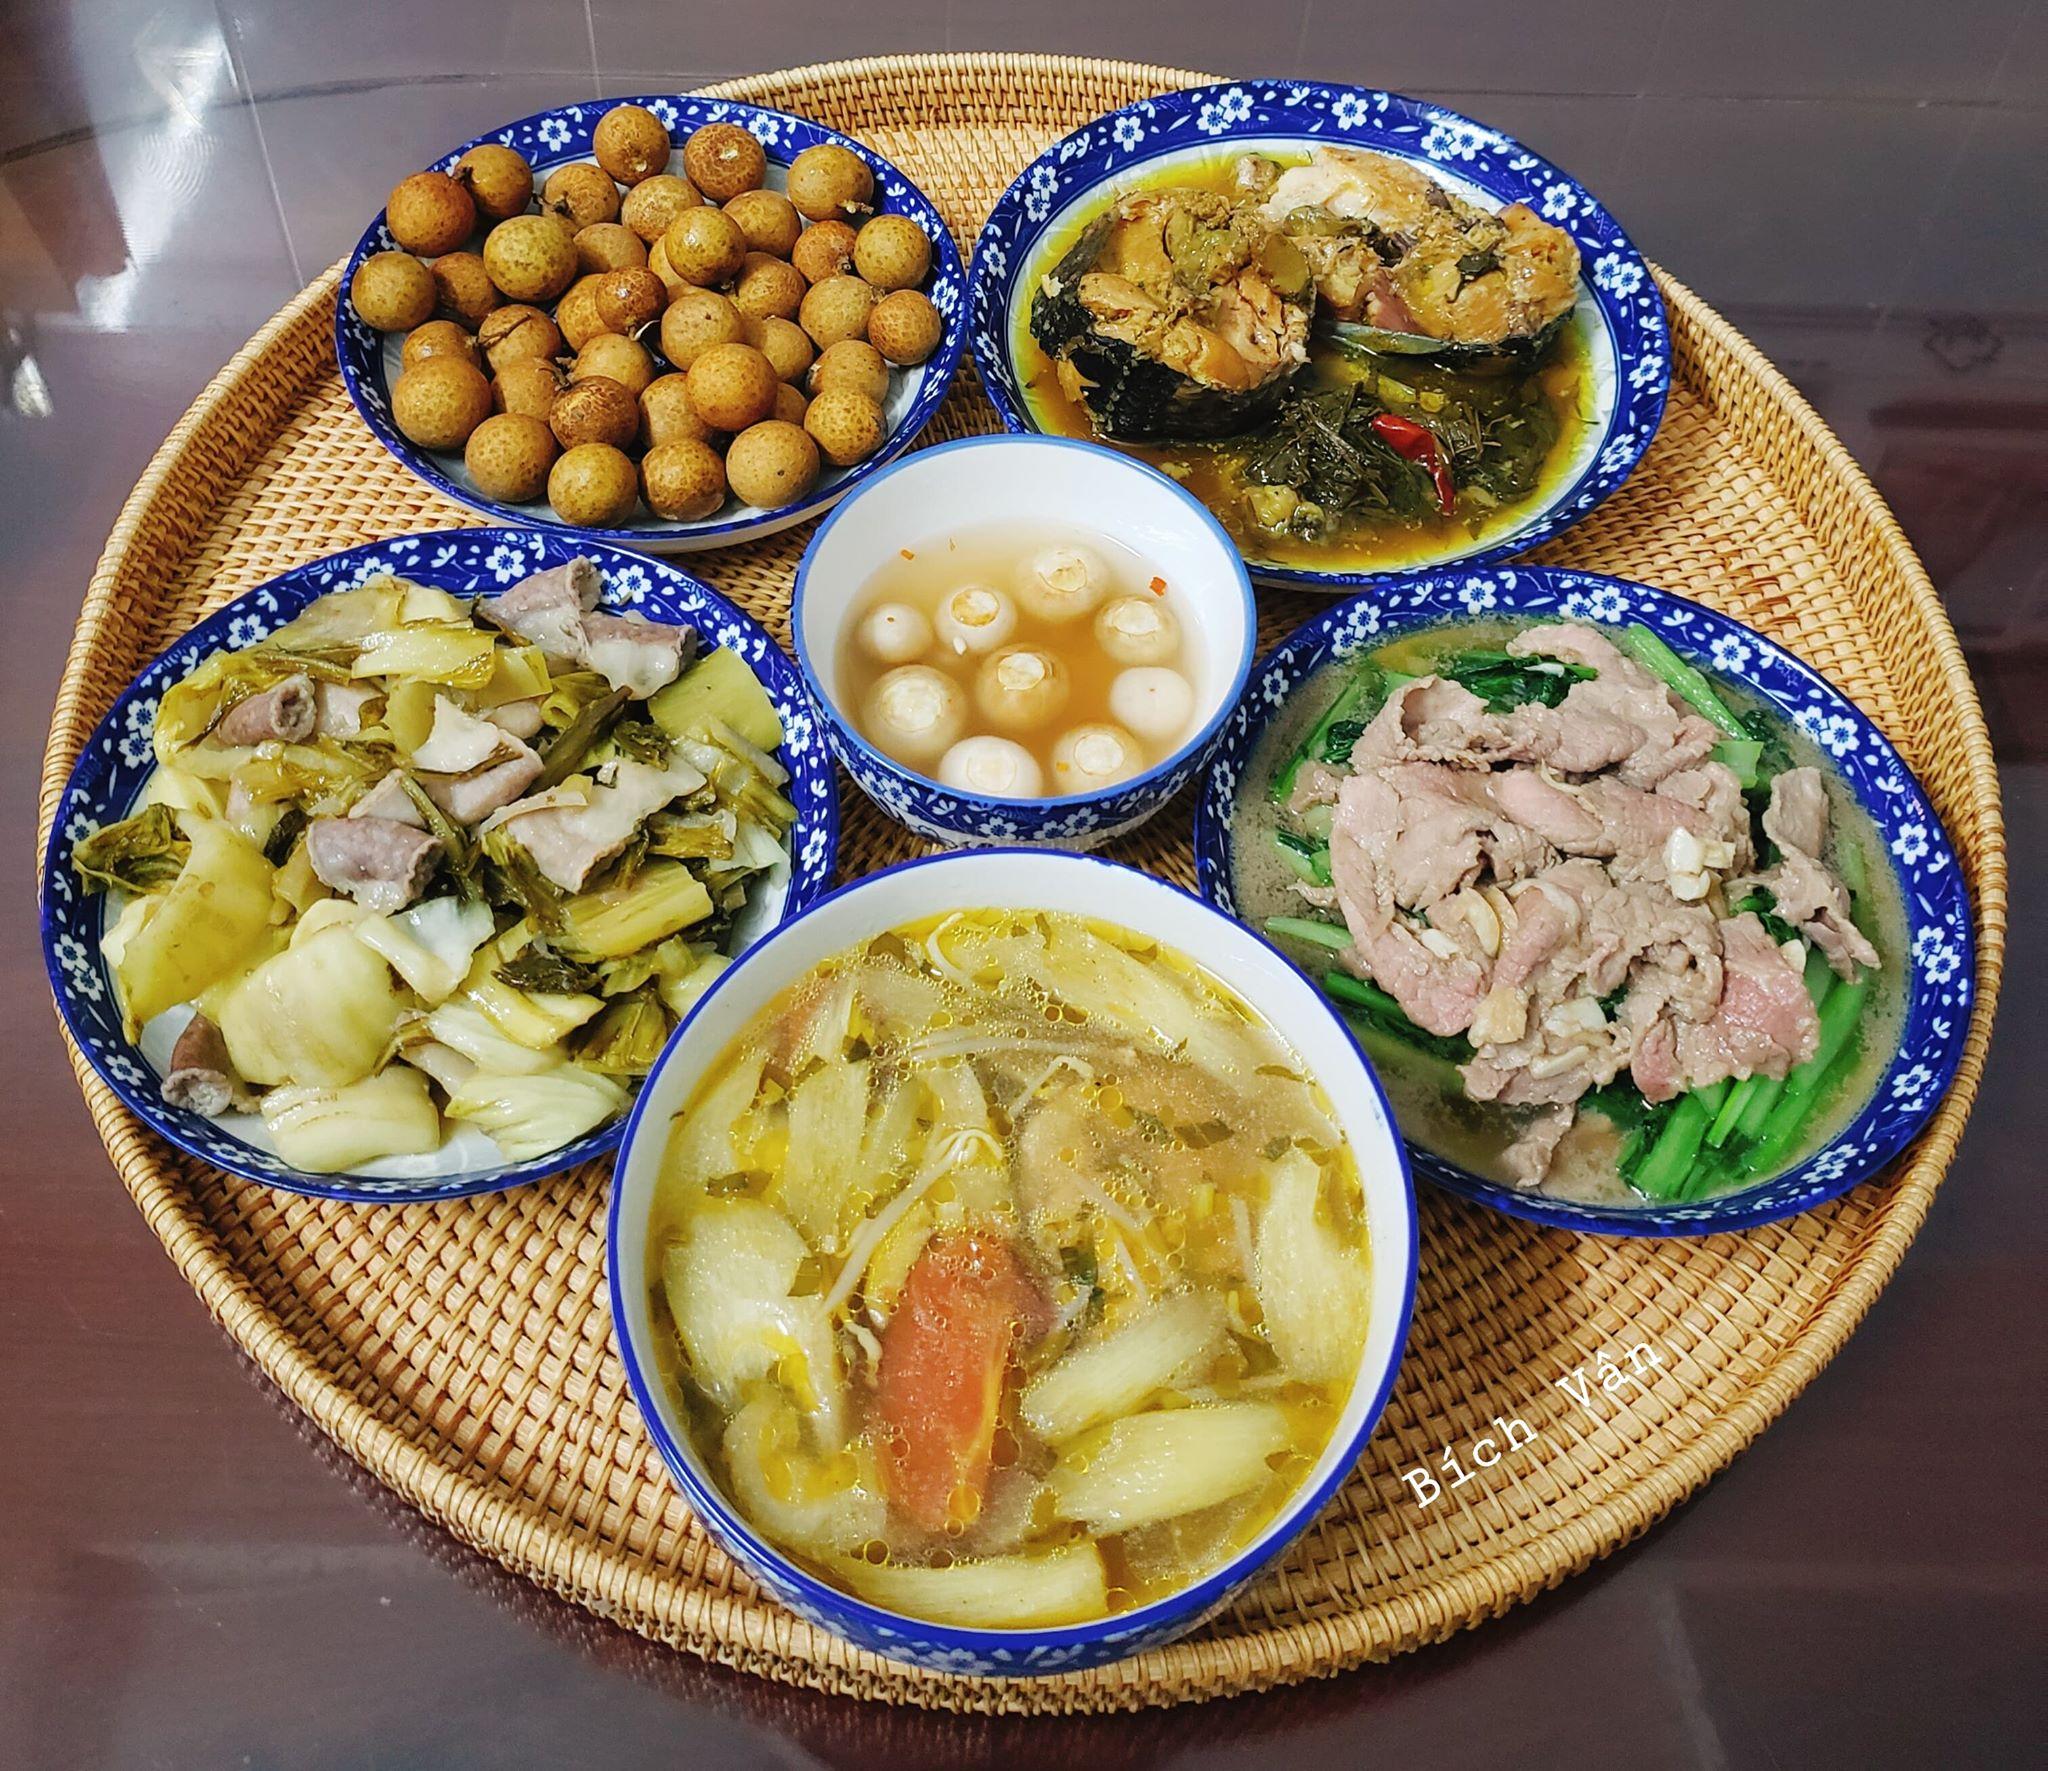 Chỉ từ 130k trở lên, bà nội trợ đảm Sài Gòn sắm sửa mỗi bữa cơm đều như đãi tiệc với các món bổ dưỡng, đẹp mắt cho gia đình 6 thành viên - Ảnh 2.